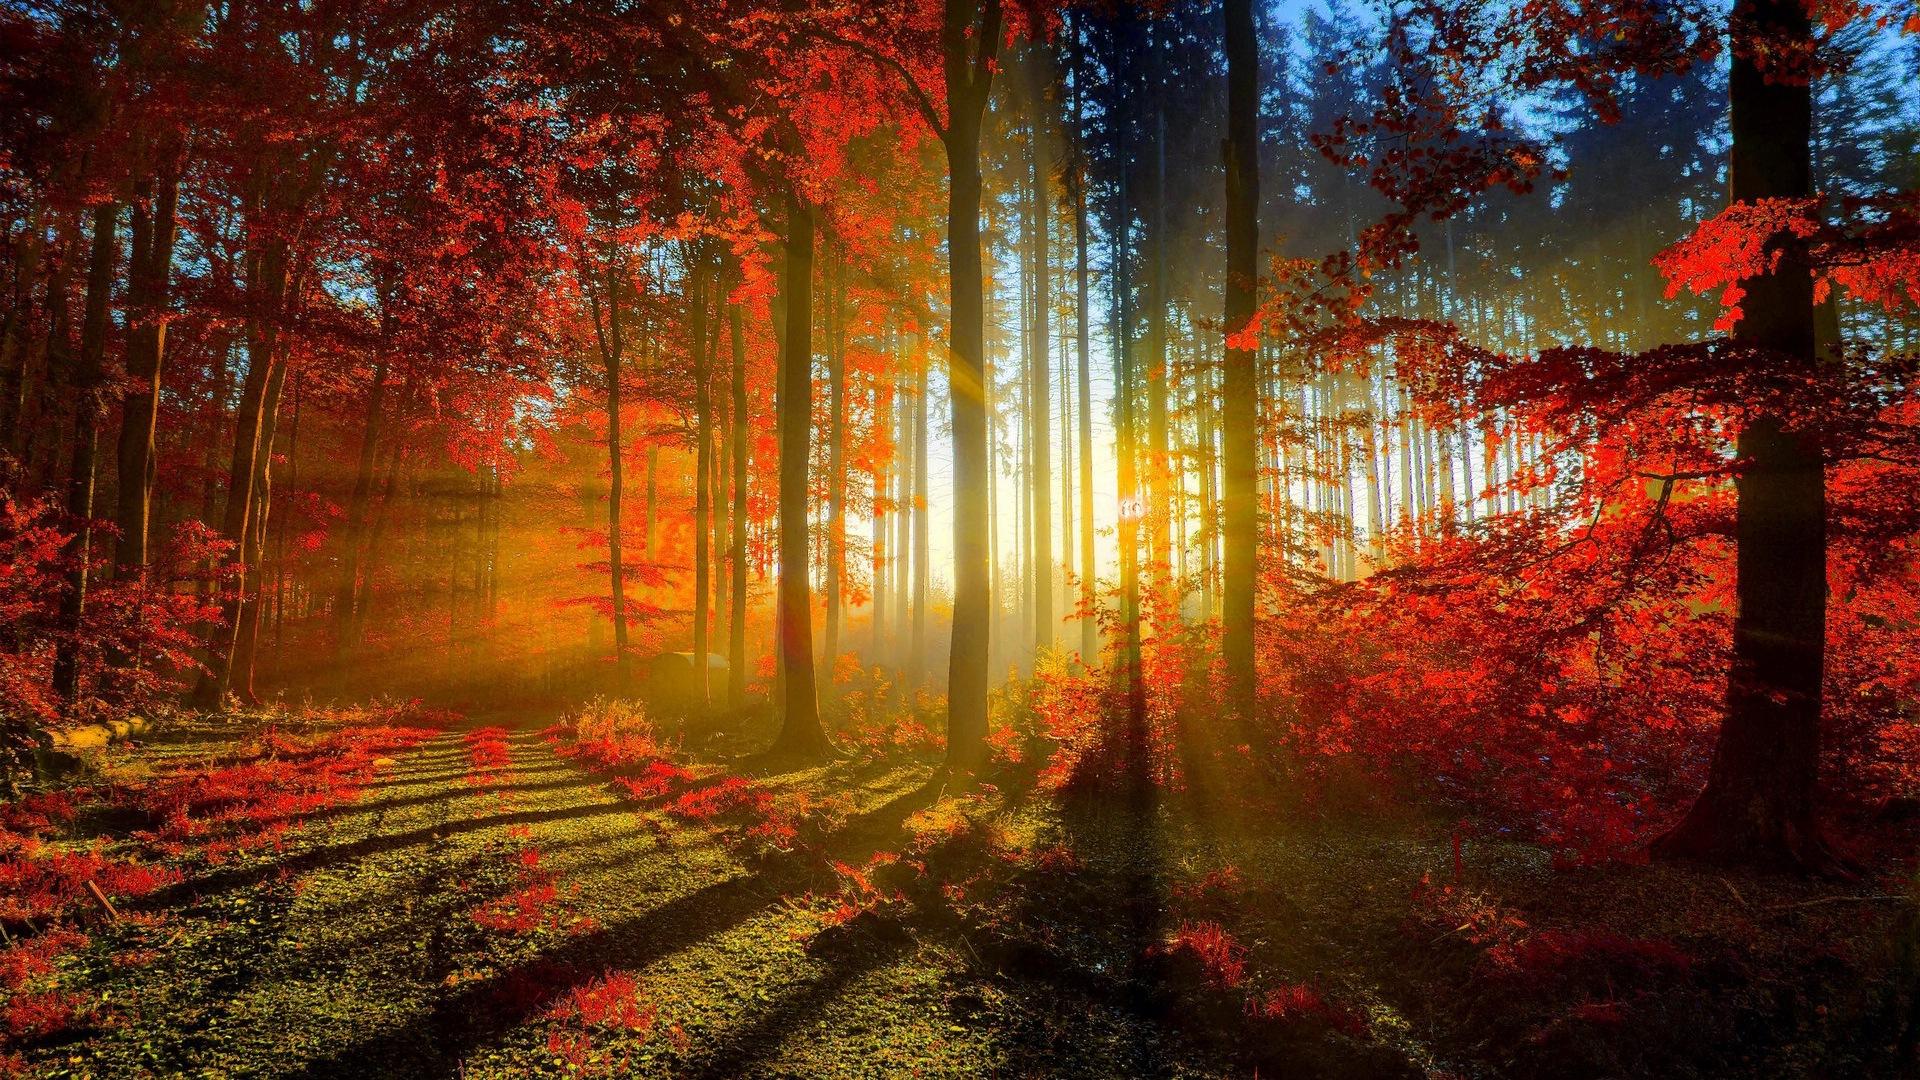 Herbst-Landschaft Wallpaper  Bilders